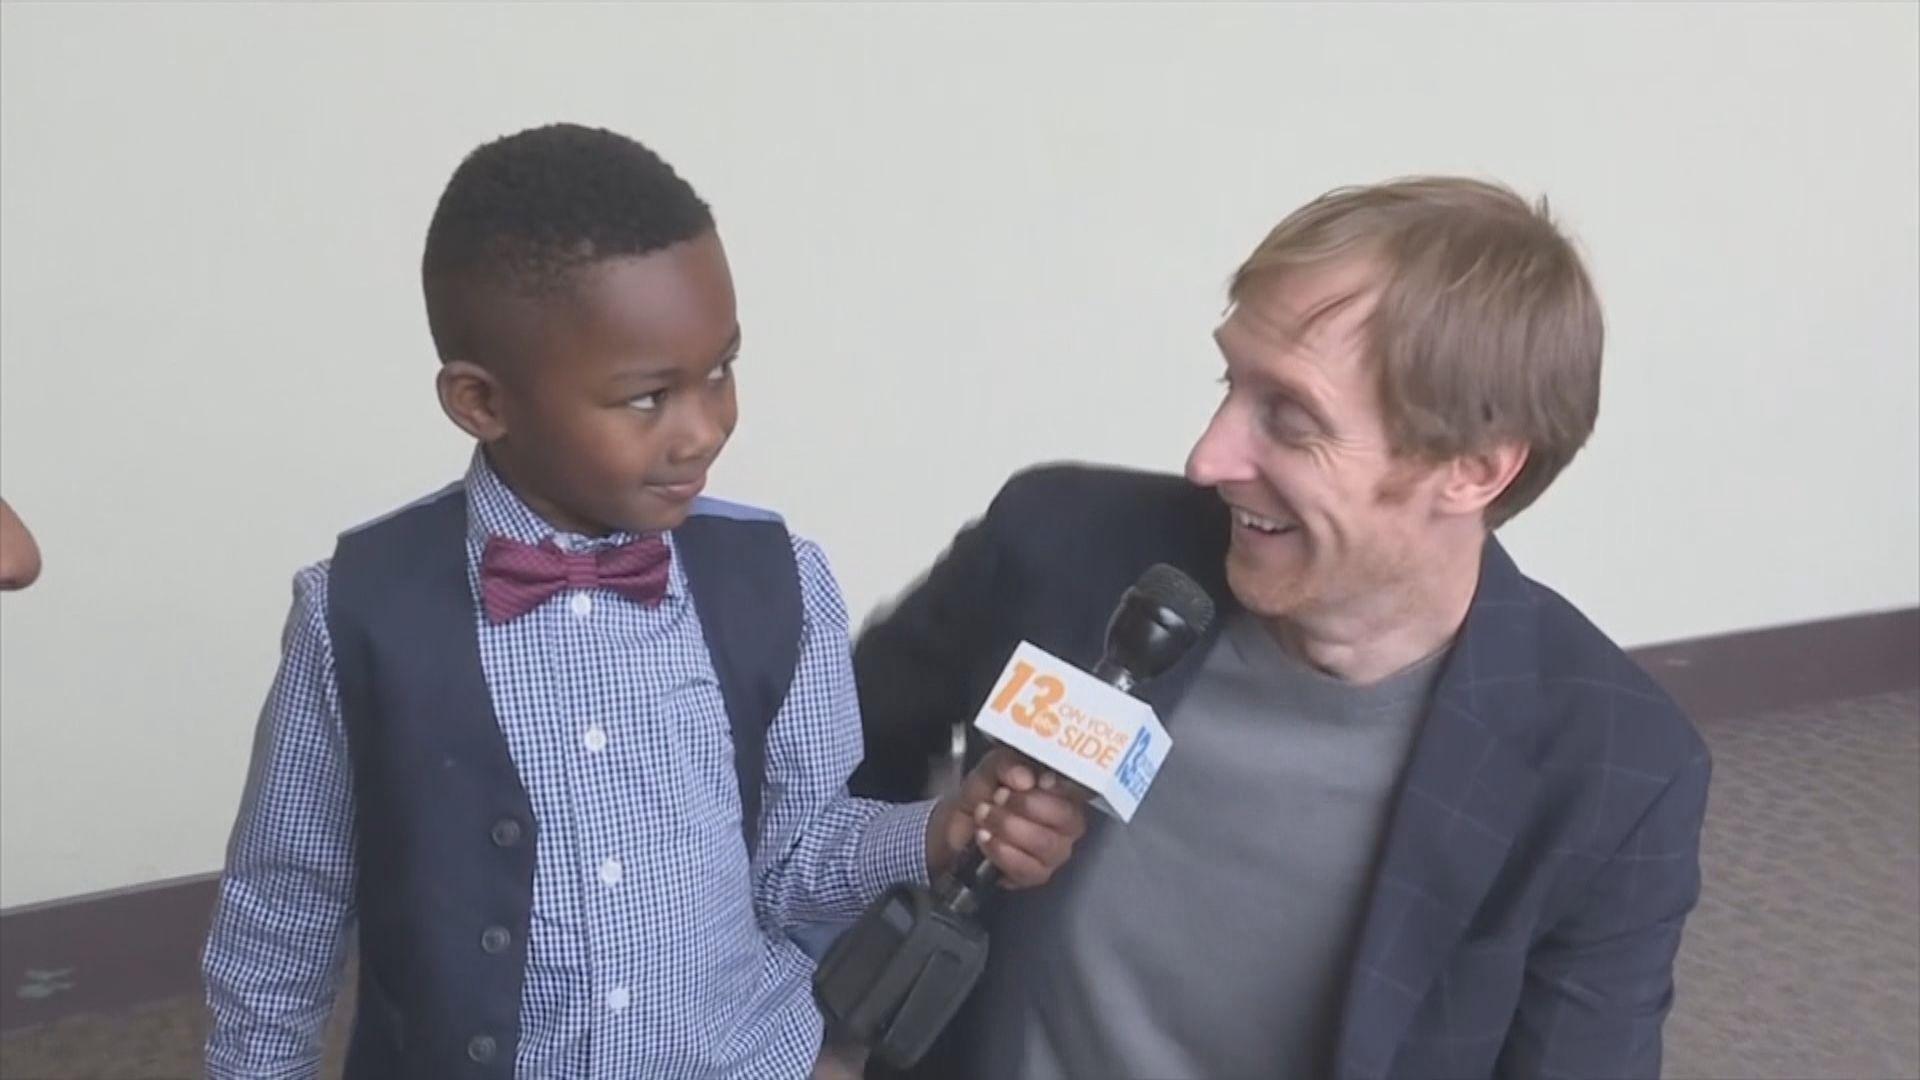 【環球薈報】美五歲男童邀請全班同學出席領養聆訊